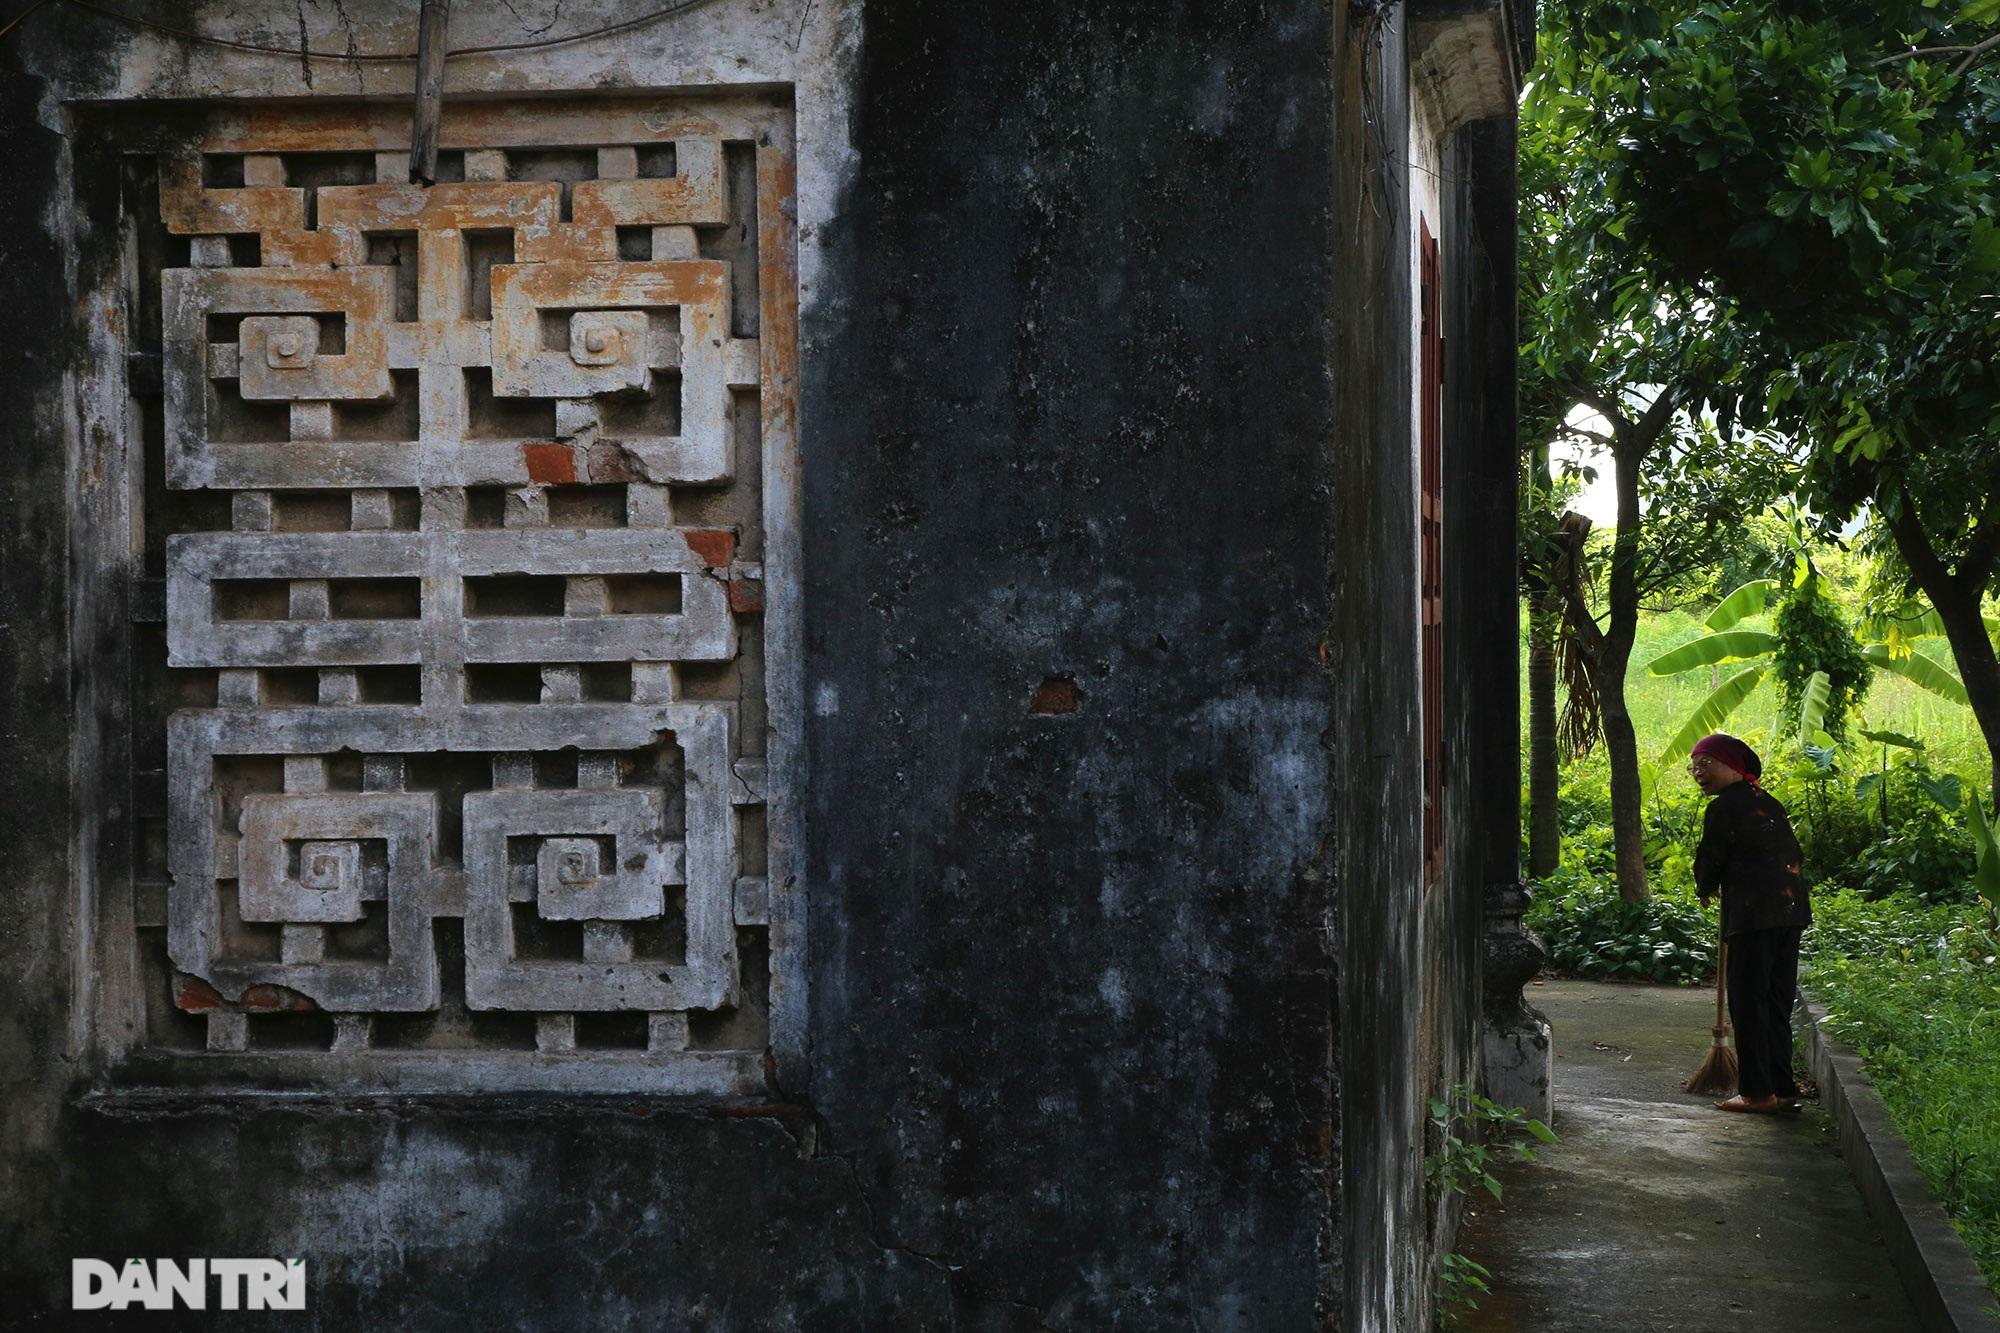 Làng cổ nghìn năm tuổi nổi tiếng giàu có nay là của hiếm ở Hà Nội - 13